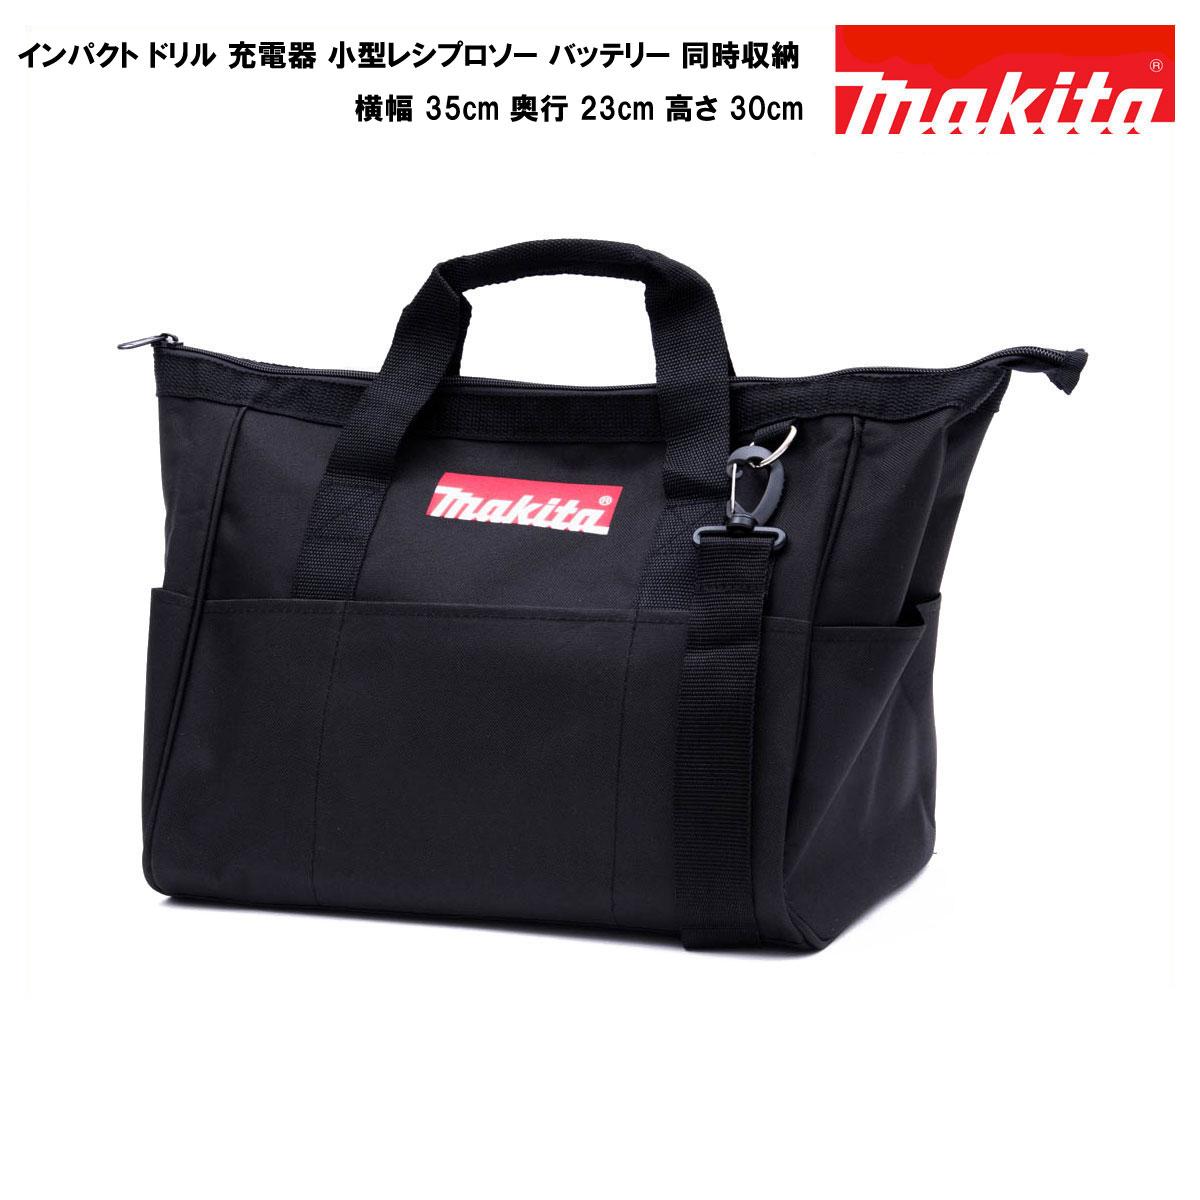 全国一律送料無料 マキタ ツールバッグ 工具箱 ツールケース ツールボックス MAKITA 35cm×23cm×30cm NEW ARRIVAL 純正 激安格安割引情報満載 中サイズ 日本未発売ブラックモデル